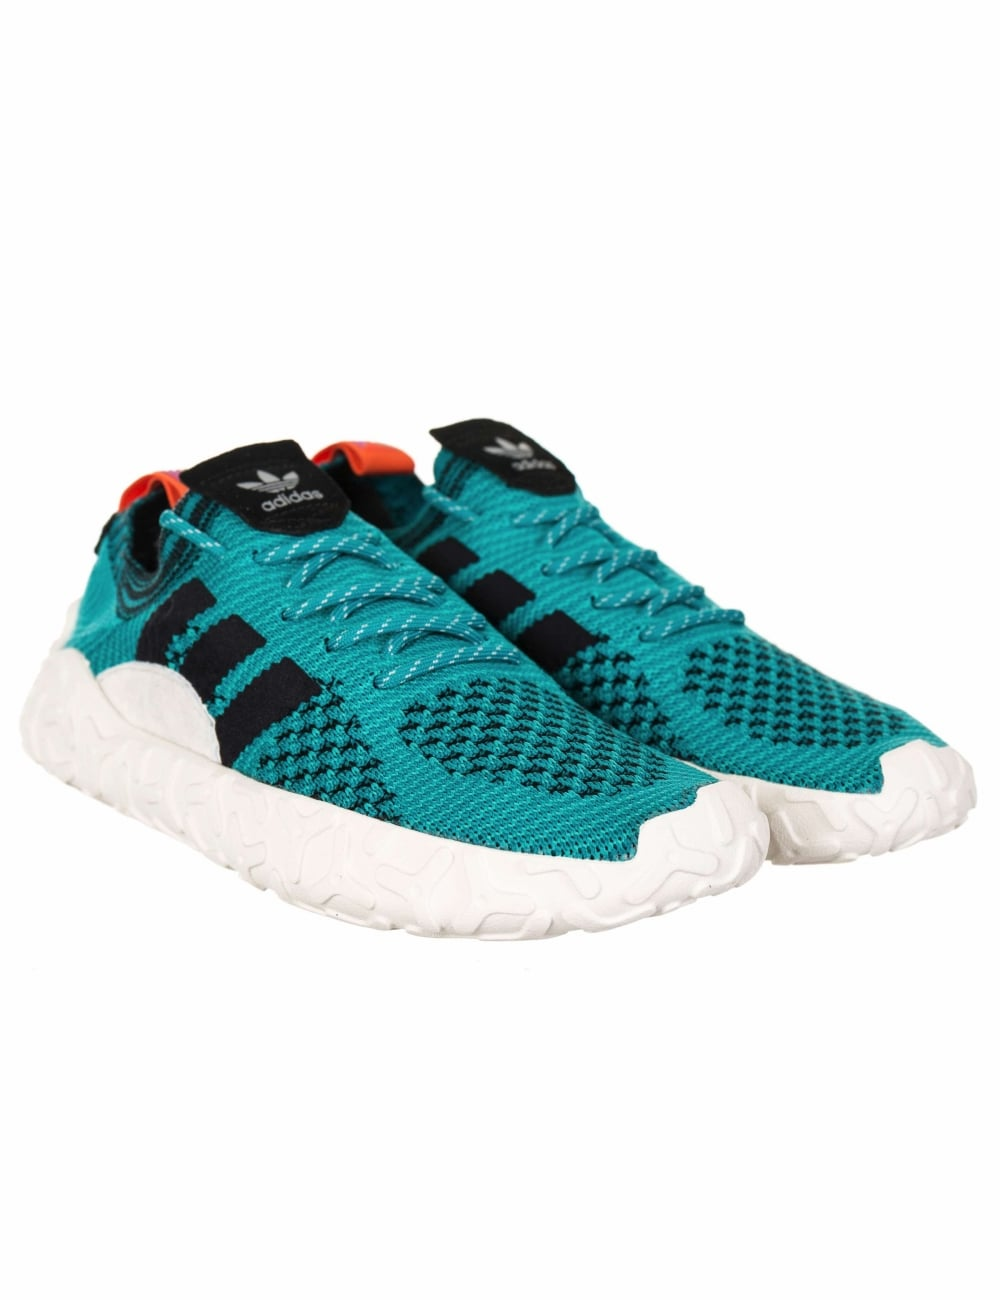 88fc6b4c9 Adidas Originals F 22 Primeknit Trainers - Shock Green Core Black -  Footwear from Fat Buddha Store UK